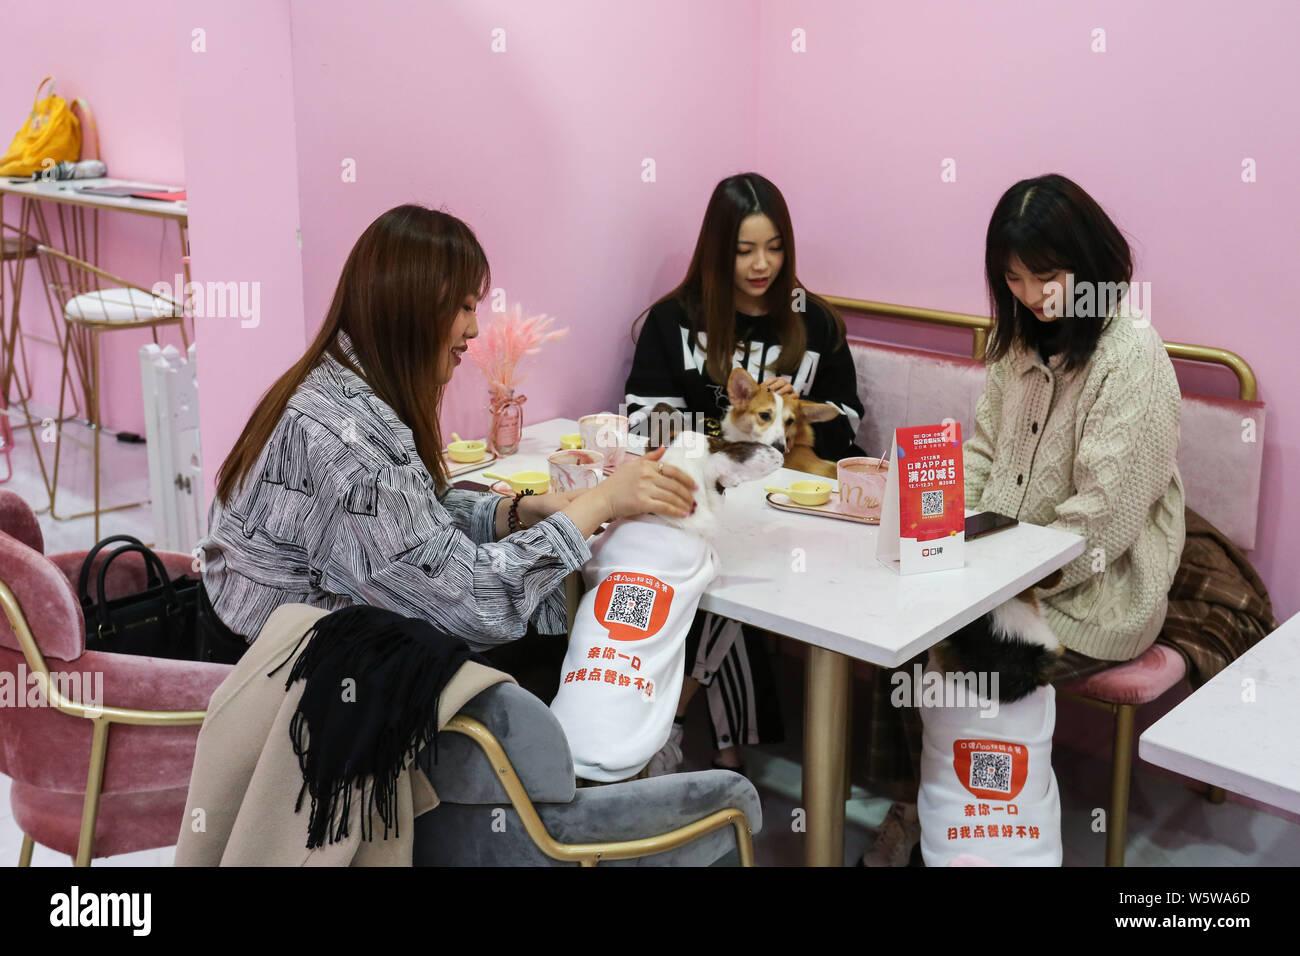 Los clientes interactúan con corgis con códigos QR a través de la app móvil de Alibaba está en línea a fuera de línea (O2O) en la plataforma de servicio de pago online y Koubei servic Foto de stock